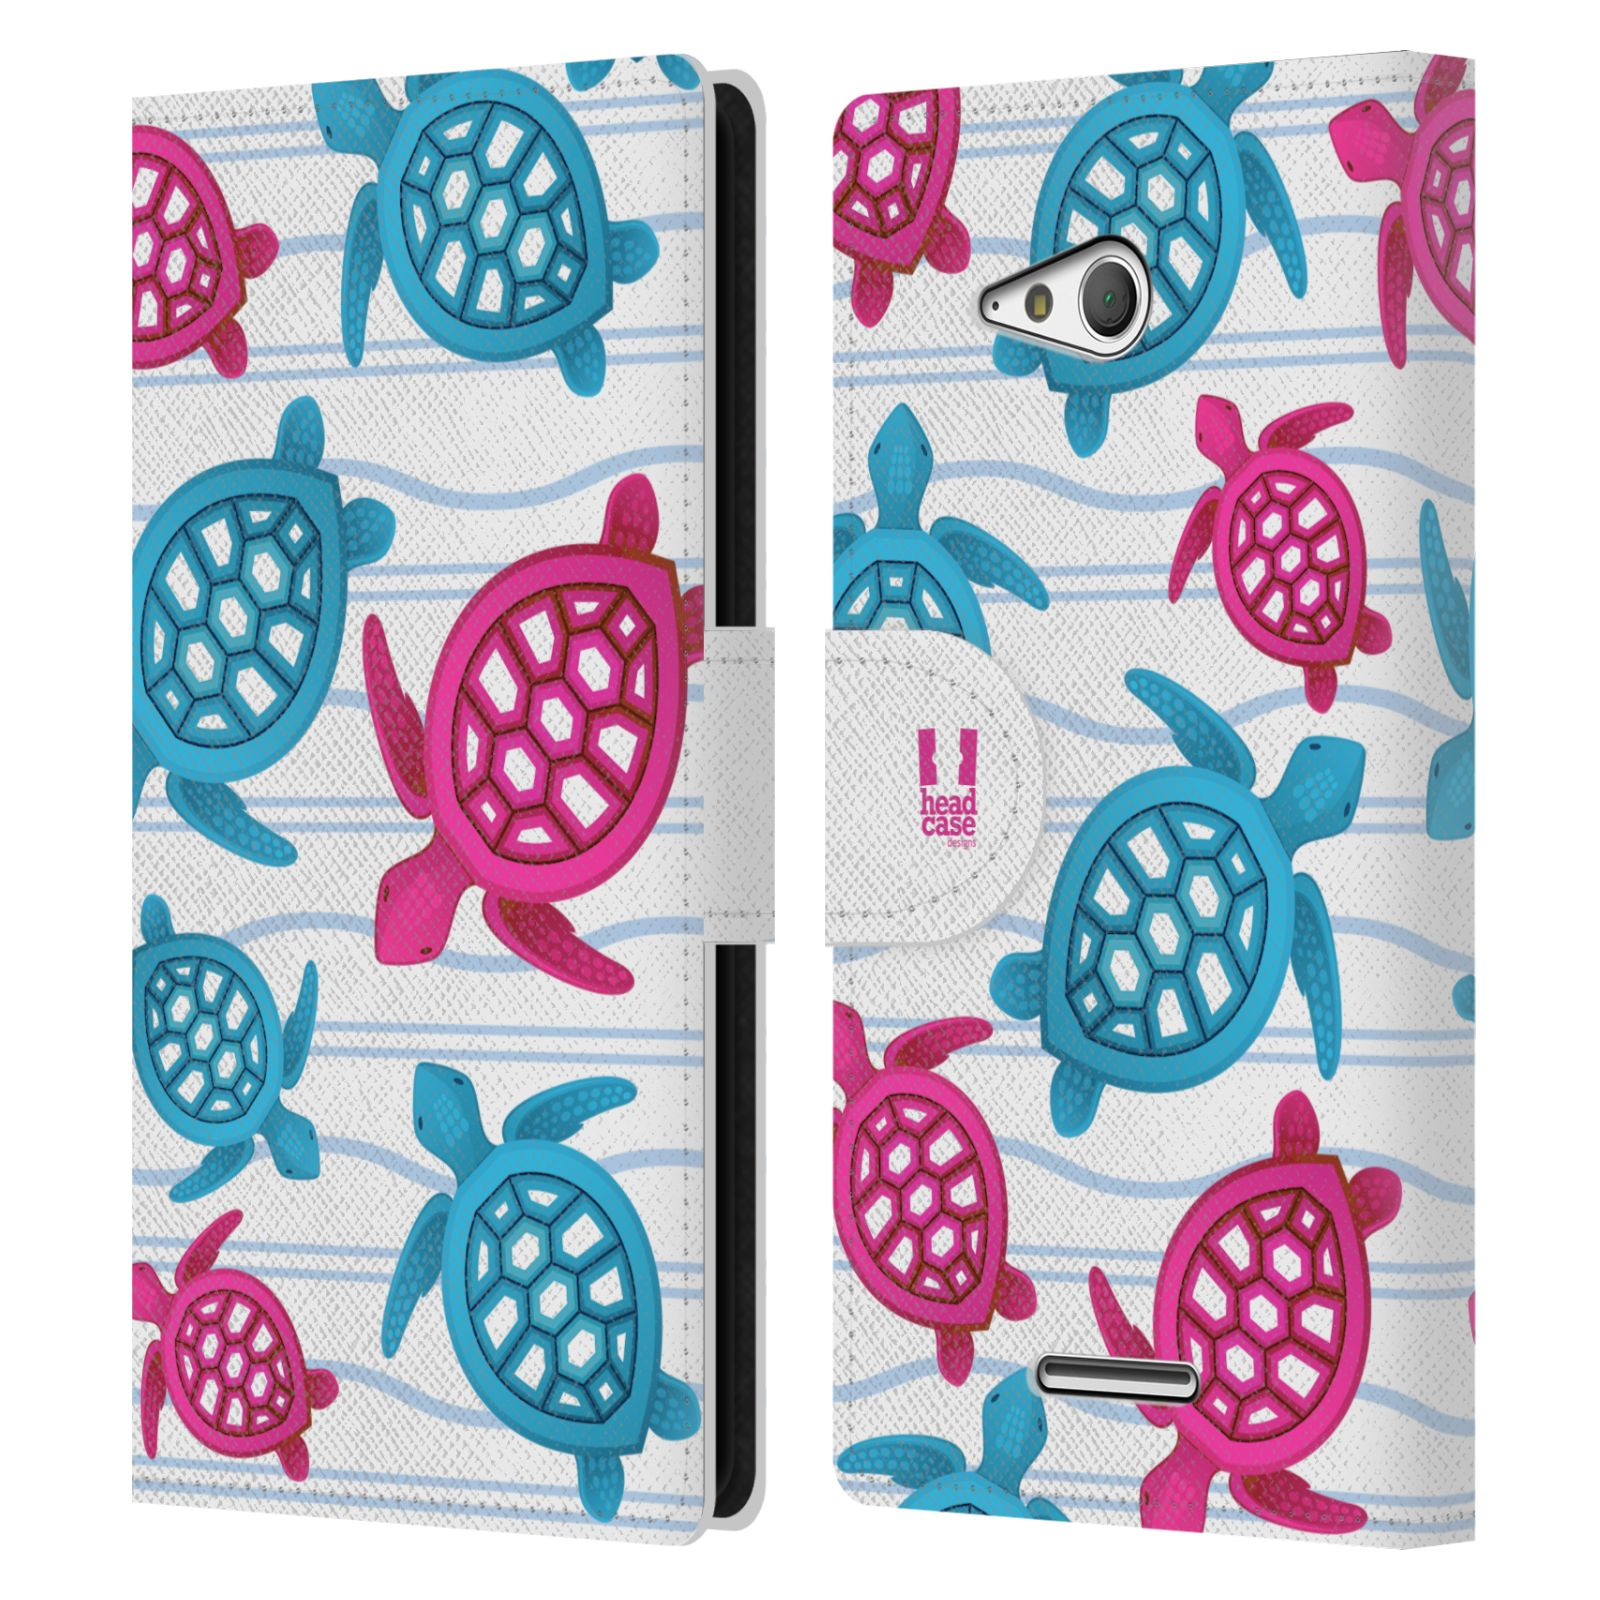 HEAD CASE Flipové pouzdro pro mobil SONY XPERIA E4g Mořský živočich malé želvičky